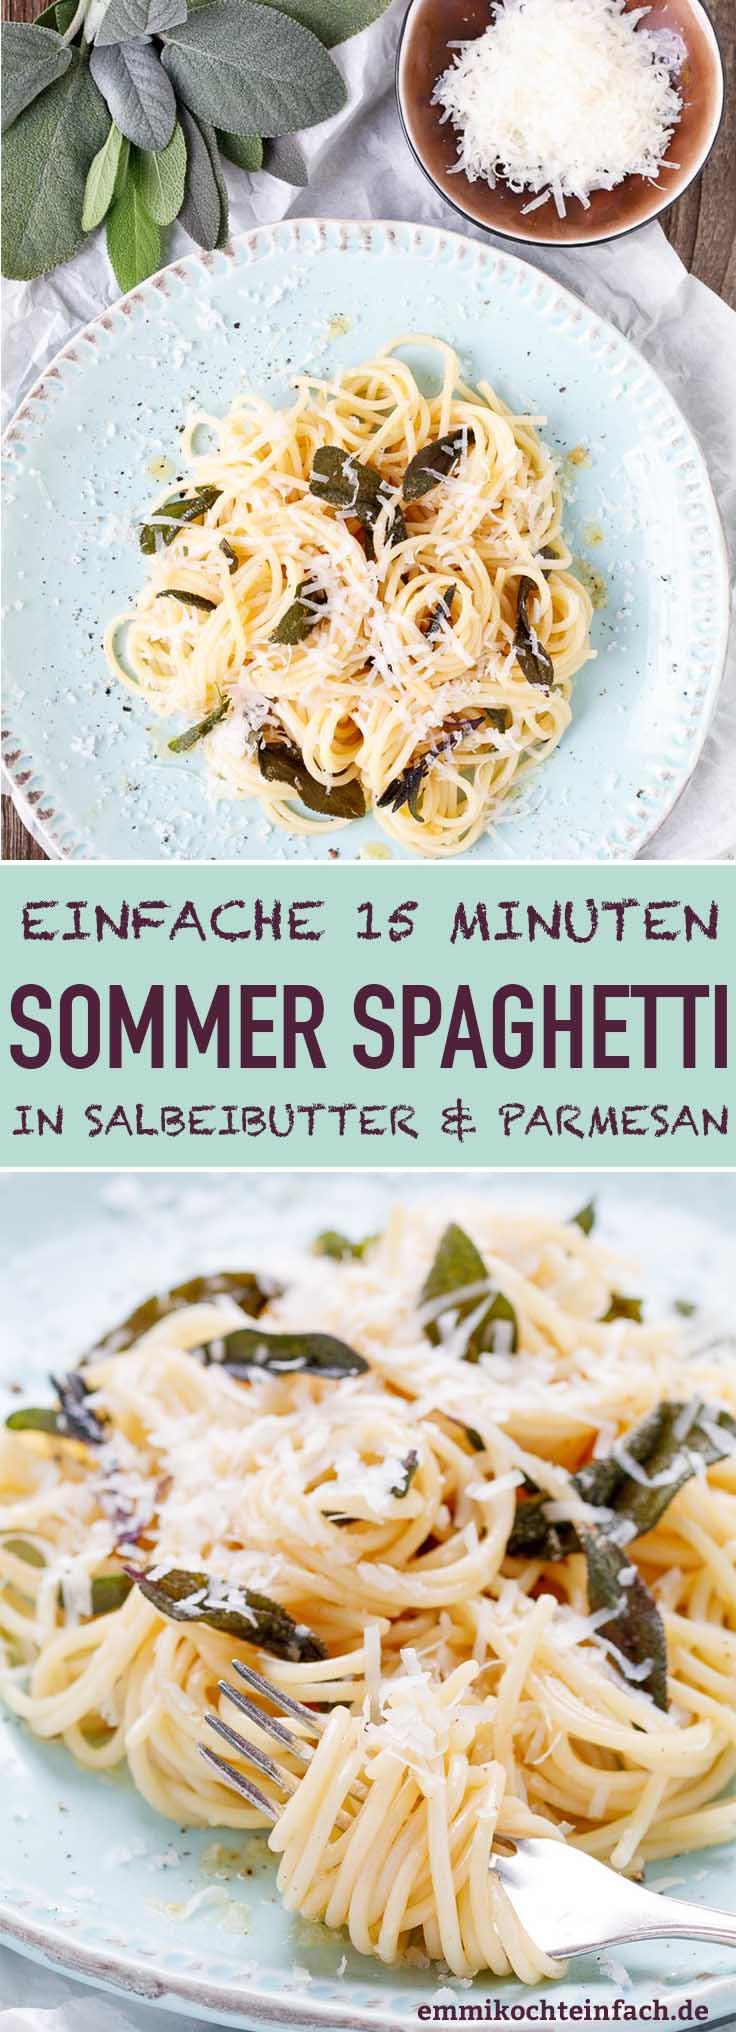 Die schnelle 15 Minuten Feierabendküche - www.emmikochteinfach.de